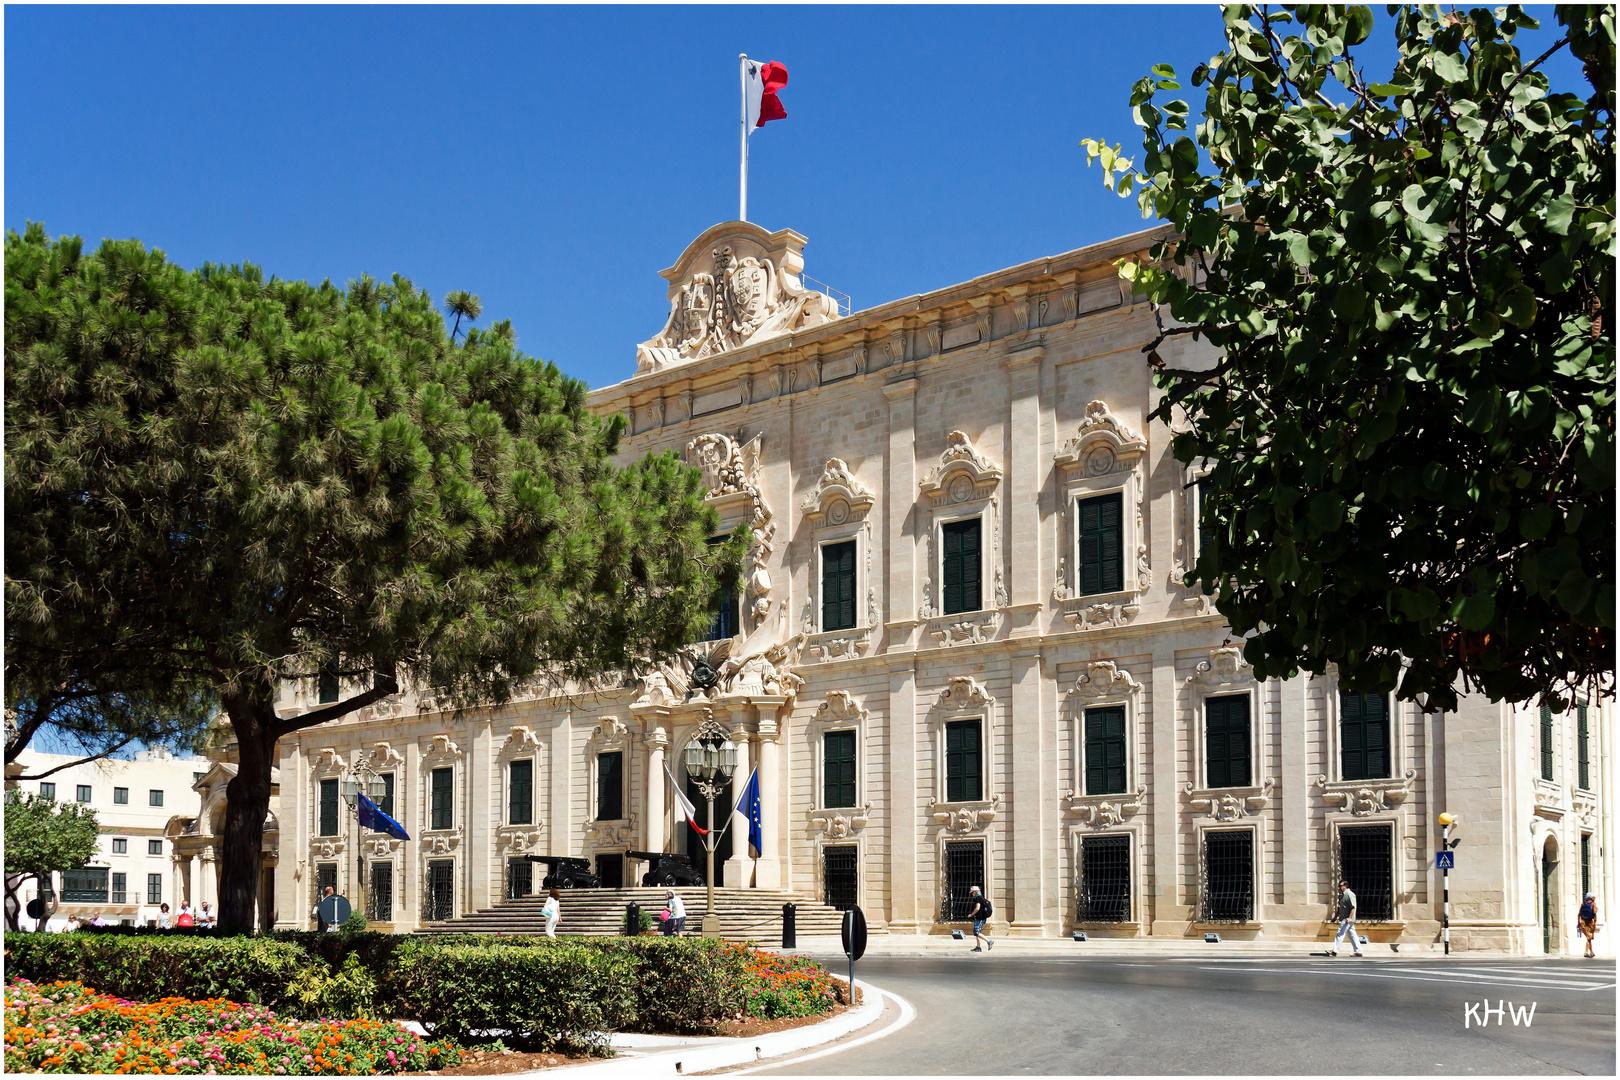 Auberge de Castille - Sitz des Ministerpräsidenten von Malta